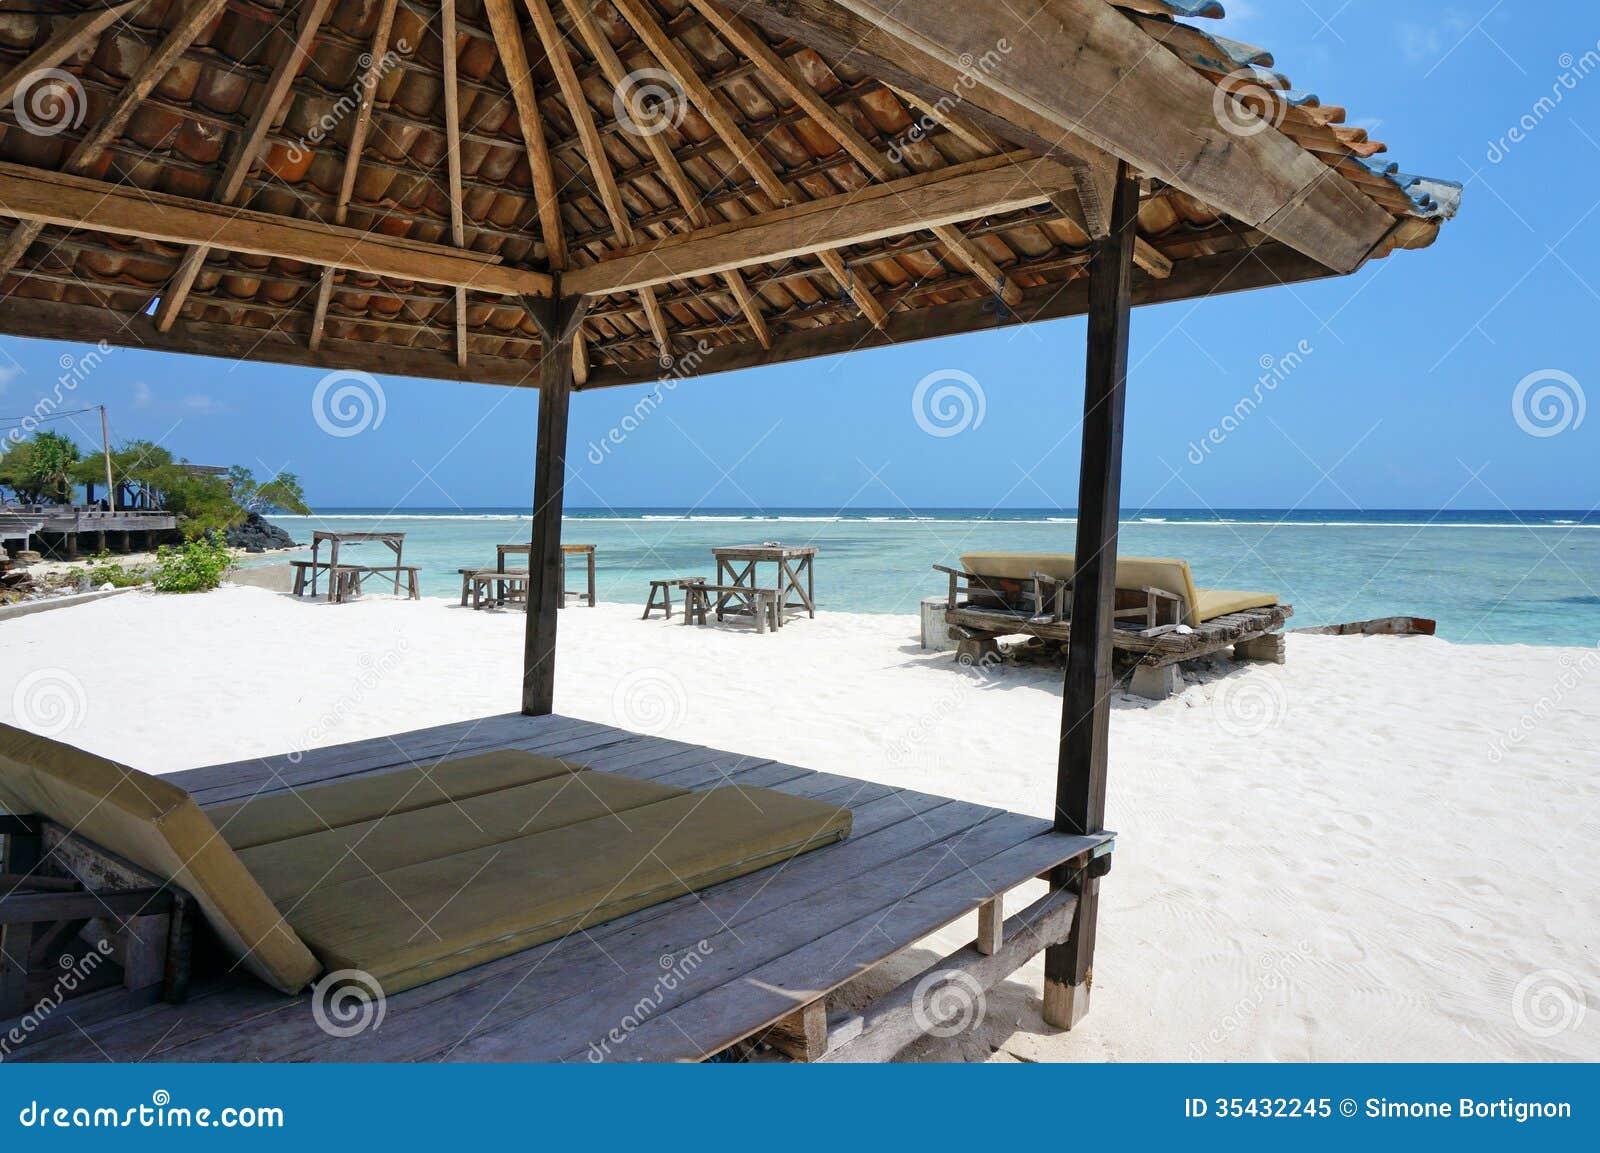 Tiki Hut On White Sand Beach Royalty Free Stock Photo